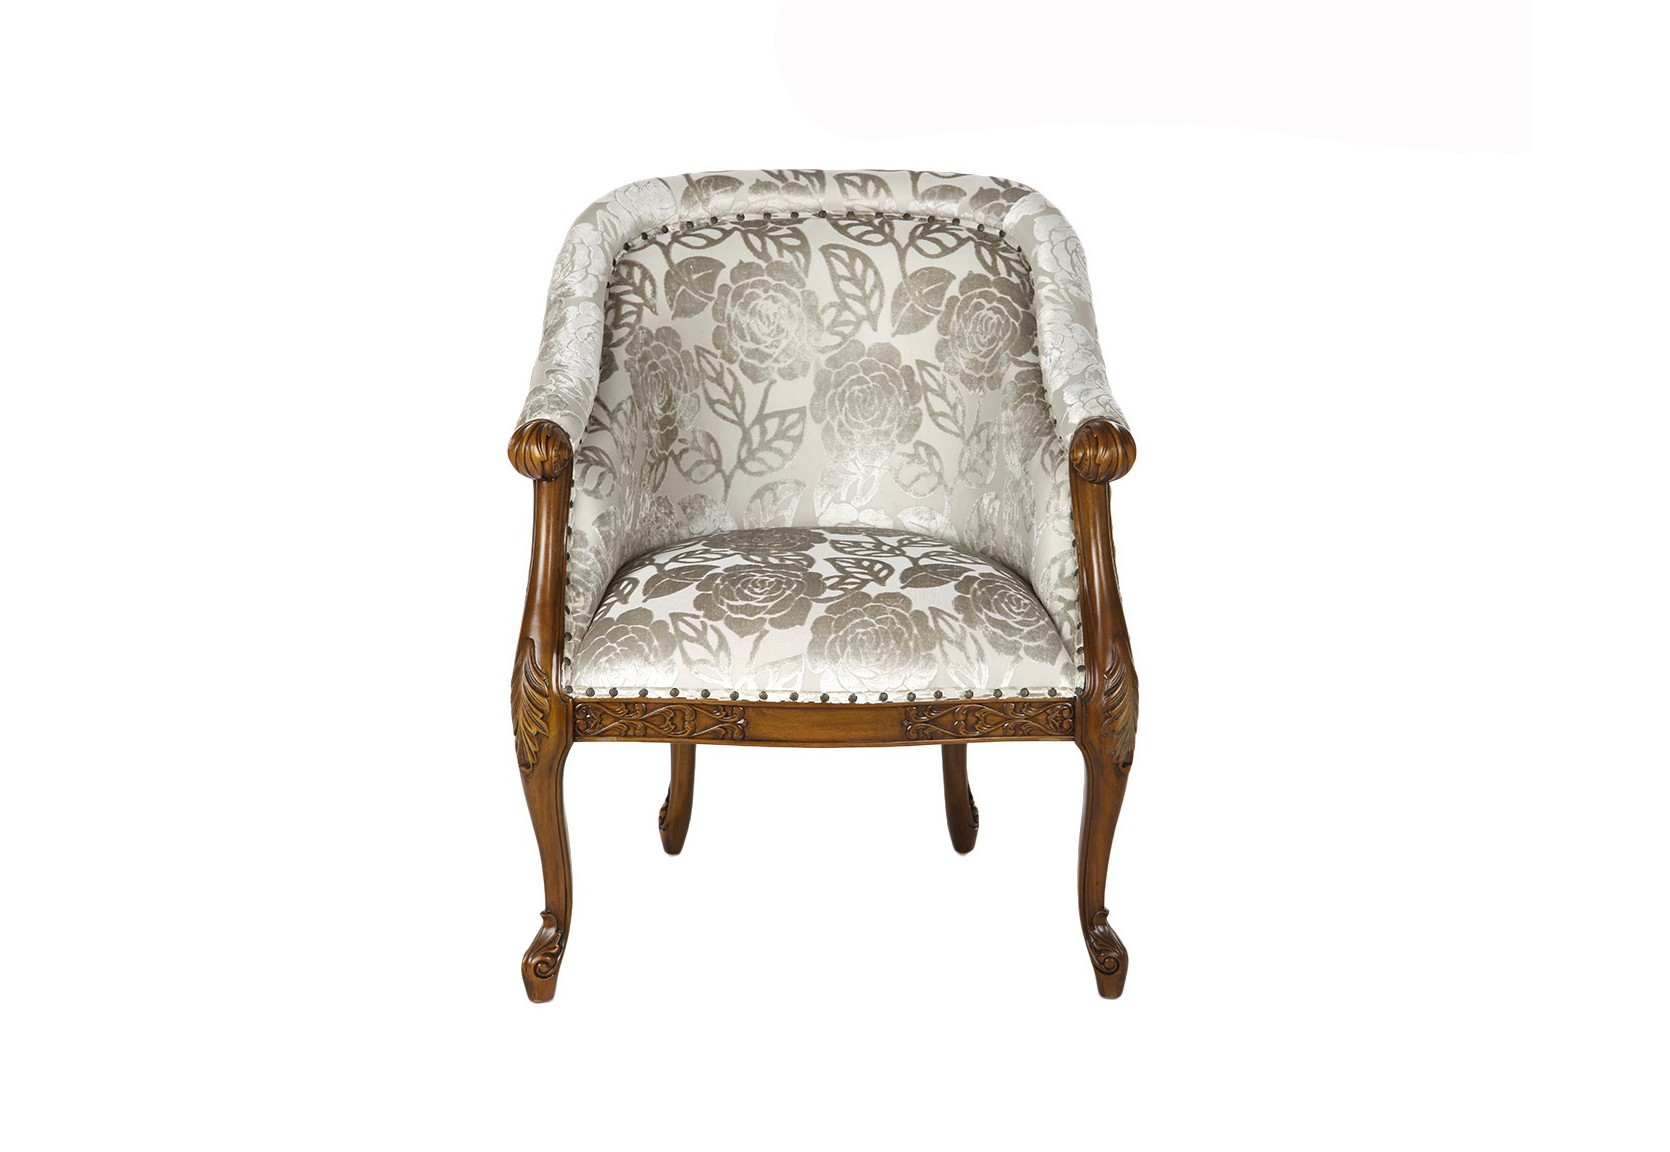 КреслоИнтерьерные кресла<br>Материалы: ткань, массив красного дерева<br><br>Material: Текстиль<br>Width см: 70<br>Depth см: 65<br>Height см: 103